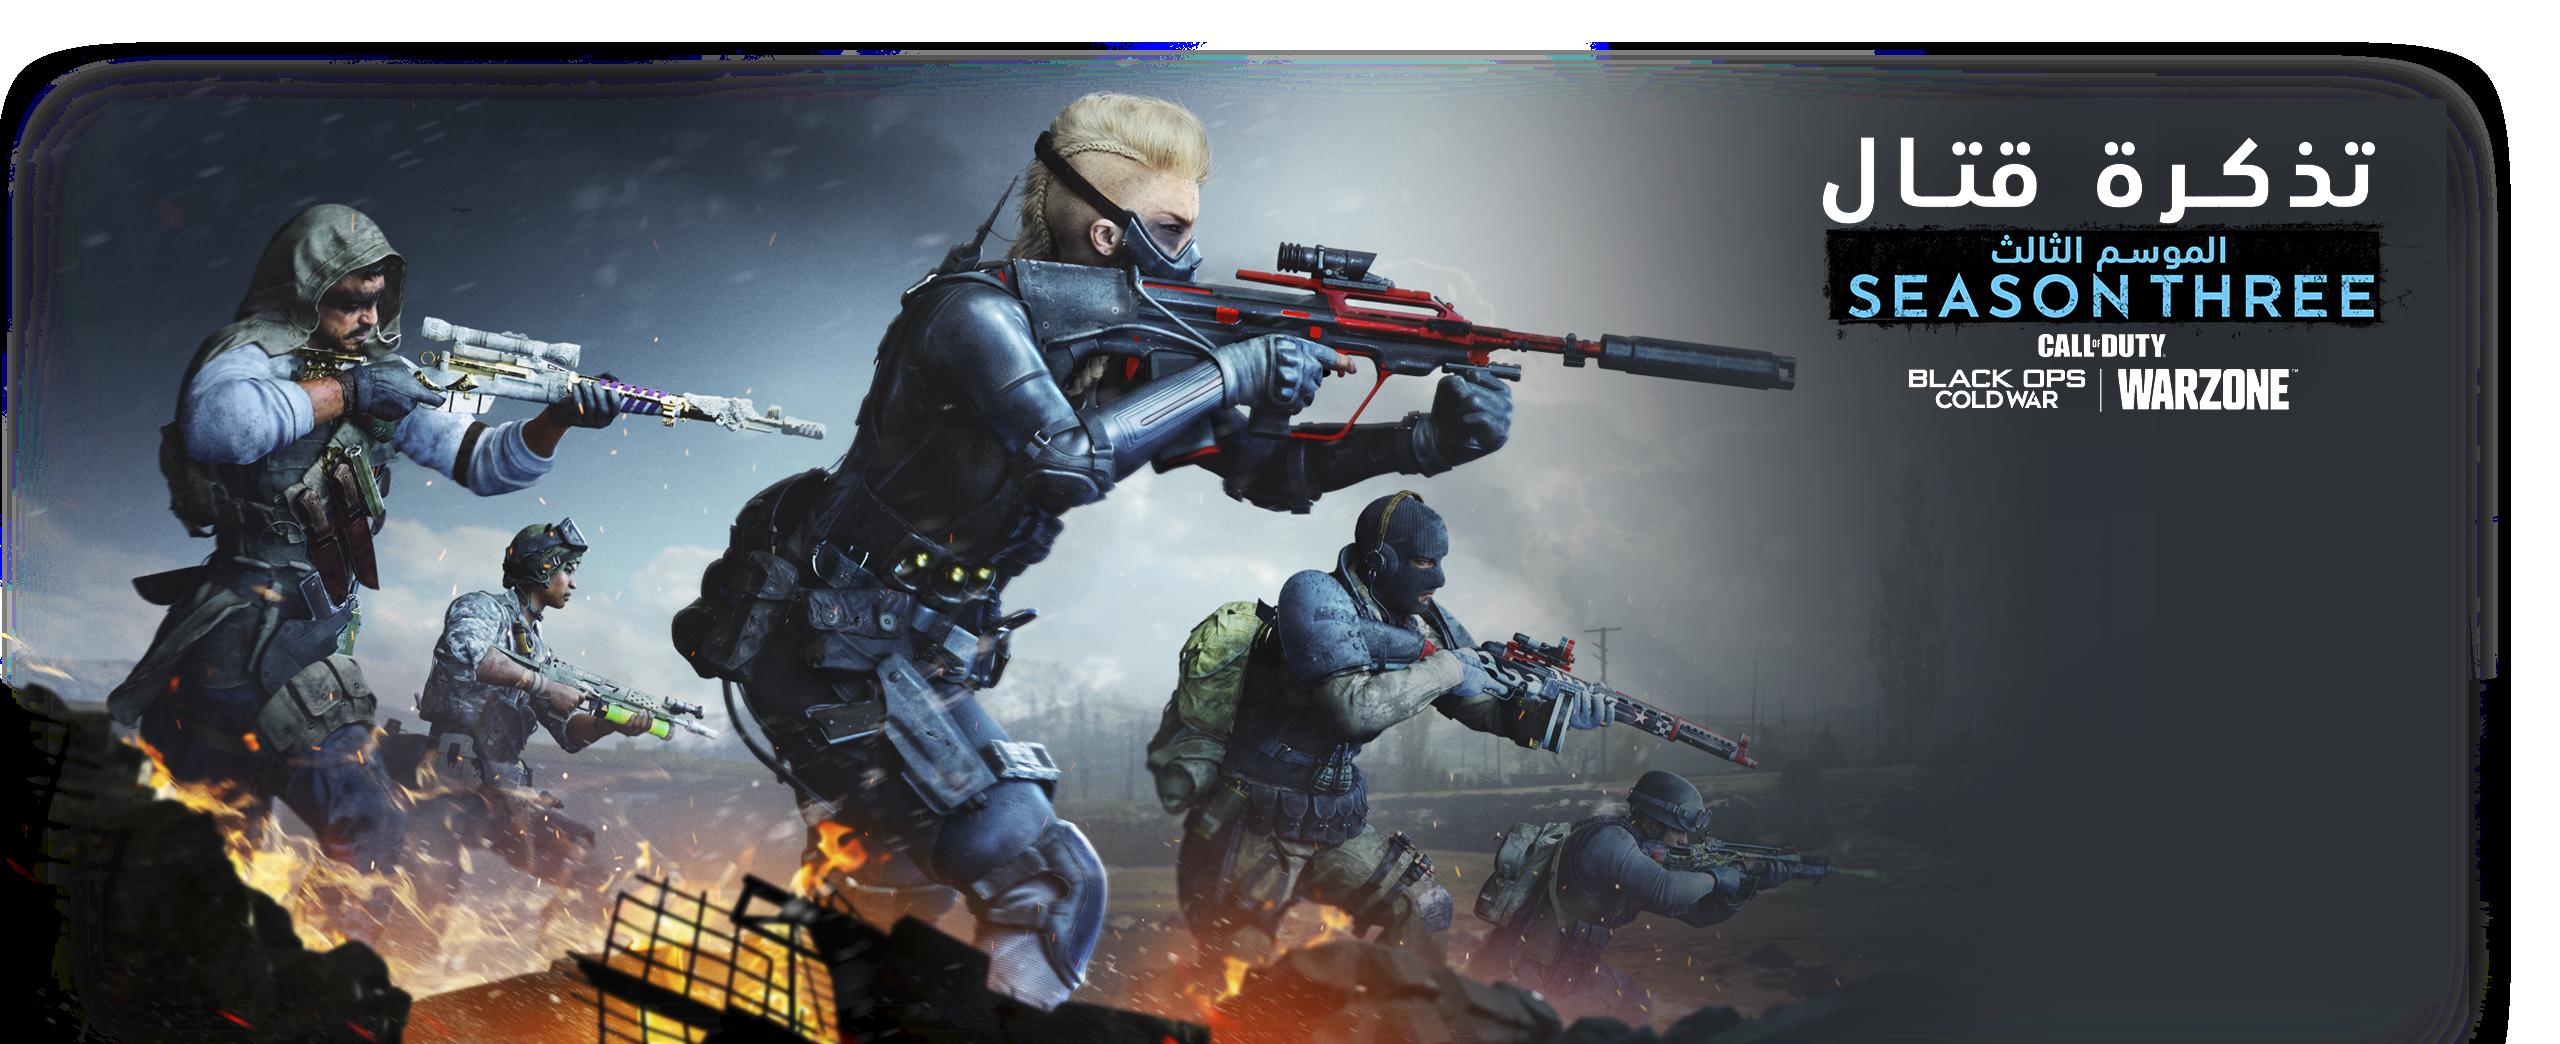 Call of Duty Black Ops Cold War Season 3 Battle Pass artwork